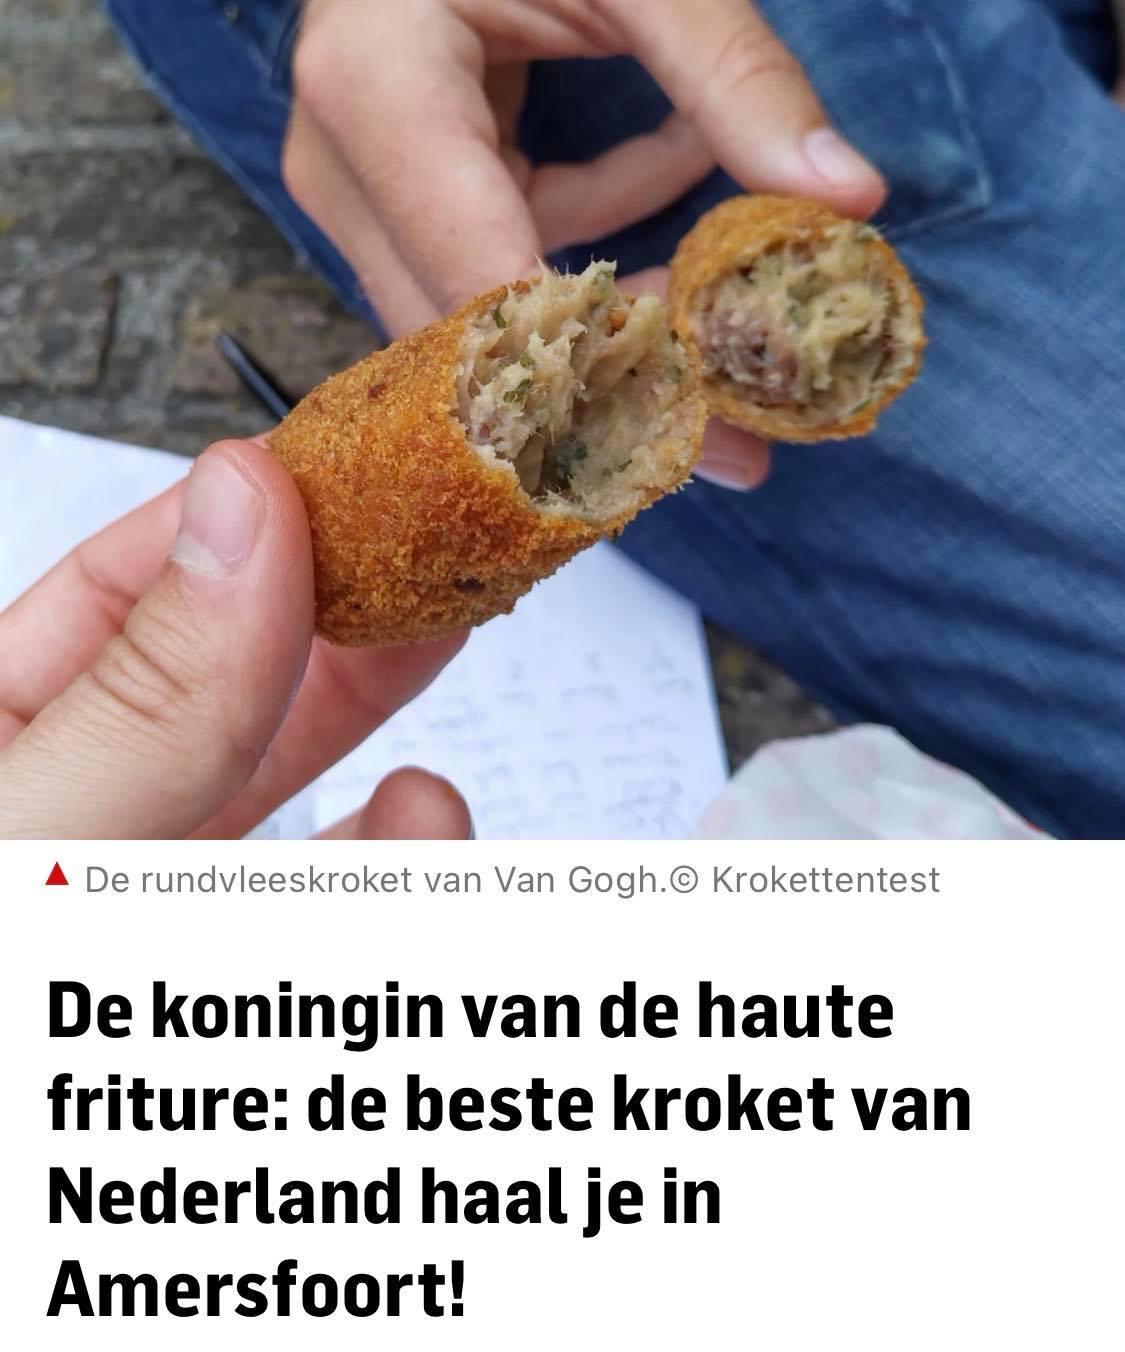 AD-Lekkerste-kroket-van-Nederland-Vlaams-friteshuis-van-Gogh-Krokettentest.jpg